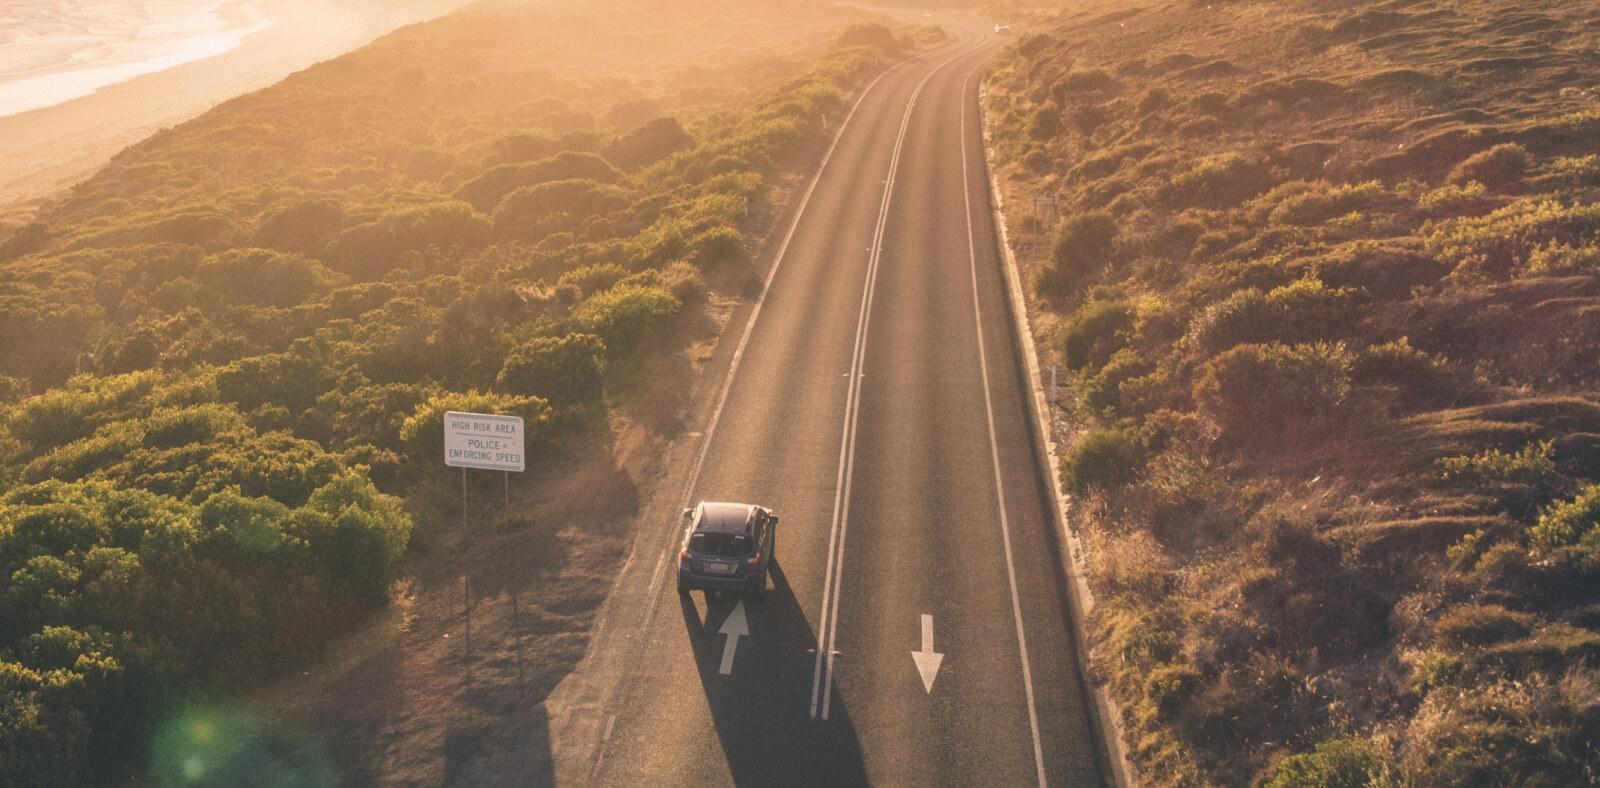 燃費や事故の軽減、環境にも良い?ふんわりアクセルとは